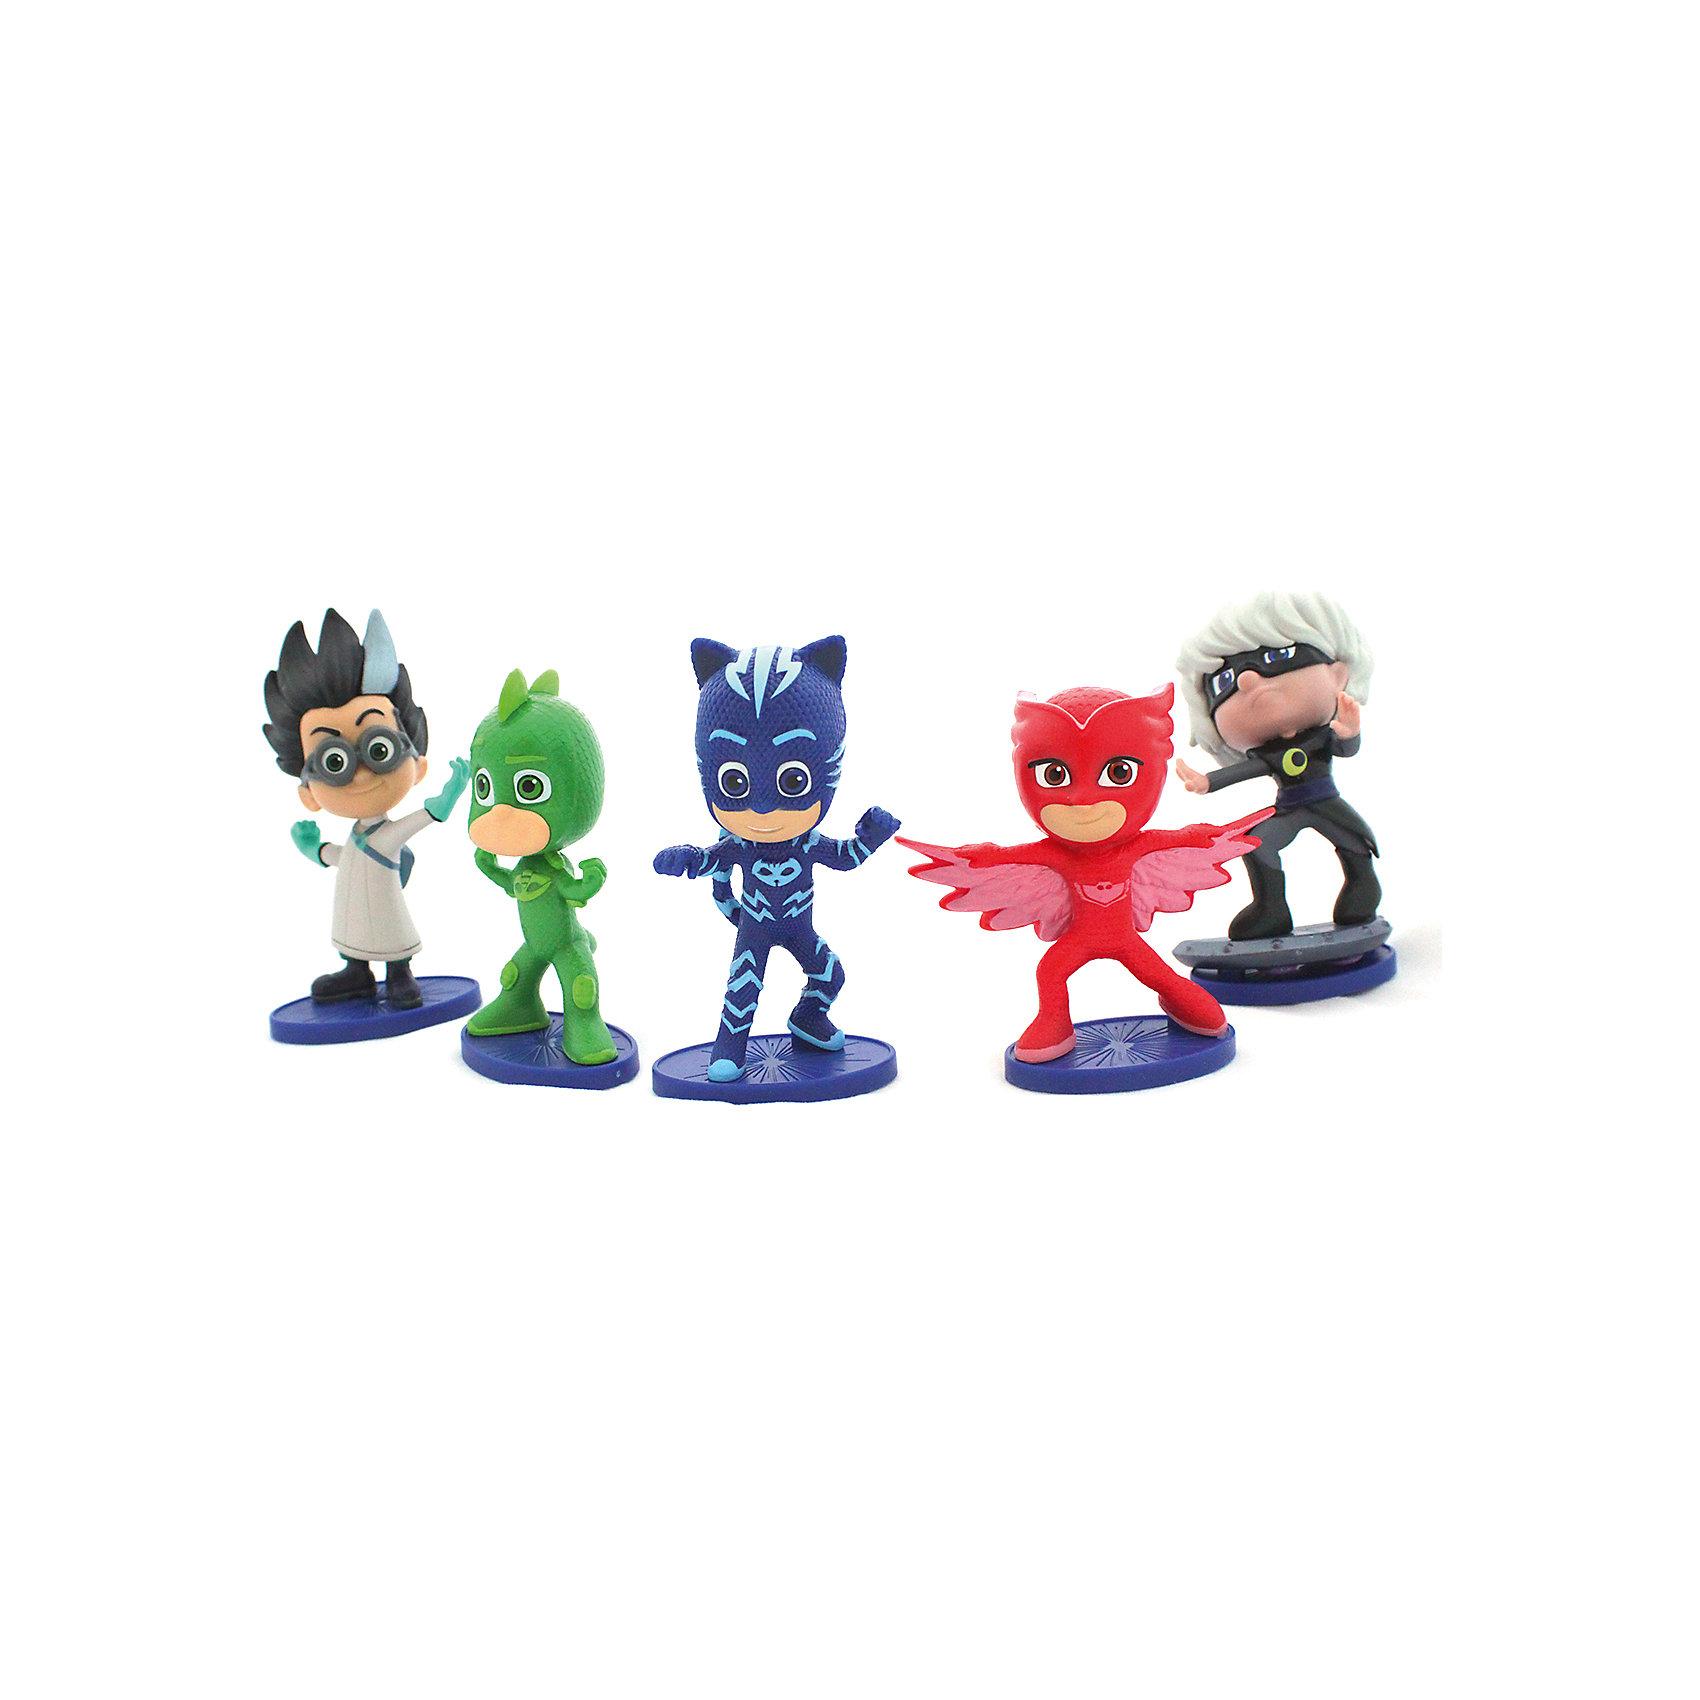 Игровой набор Герои в Масках, 5 фигурок, 8 см.Коллекционные и игровые фигурки<br>Юные поклонники мультфильма Герои в масках будут счастливы, когда получат в подарок набор из 5-ти фигурок любимых персонажей. Играя с ними, дети будут весело проводить время, развивая воображение, речь и навыки общения.&#13;<br>В наборе Герои в масках 5 фигурок высотой 8 см с подвижными ручками и ножками. Игрушки выполнены из качественного пластика. Товар сертифицирован. Упаковка - блистер.<br><br>Ширина мм: 305<br>Глубина мм: 150<br>Высота мм: 80<br>Вес г: 321<br>Возраст от месяцев: 36<br>Возраст до месяцев: 2147483647<br>Пол: Унисекс<br>Возраст: Детский<br>SKU: 5577974